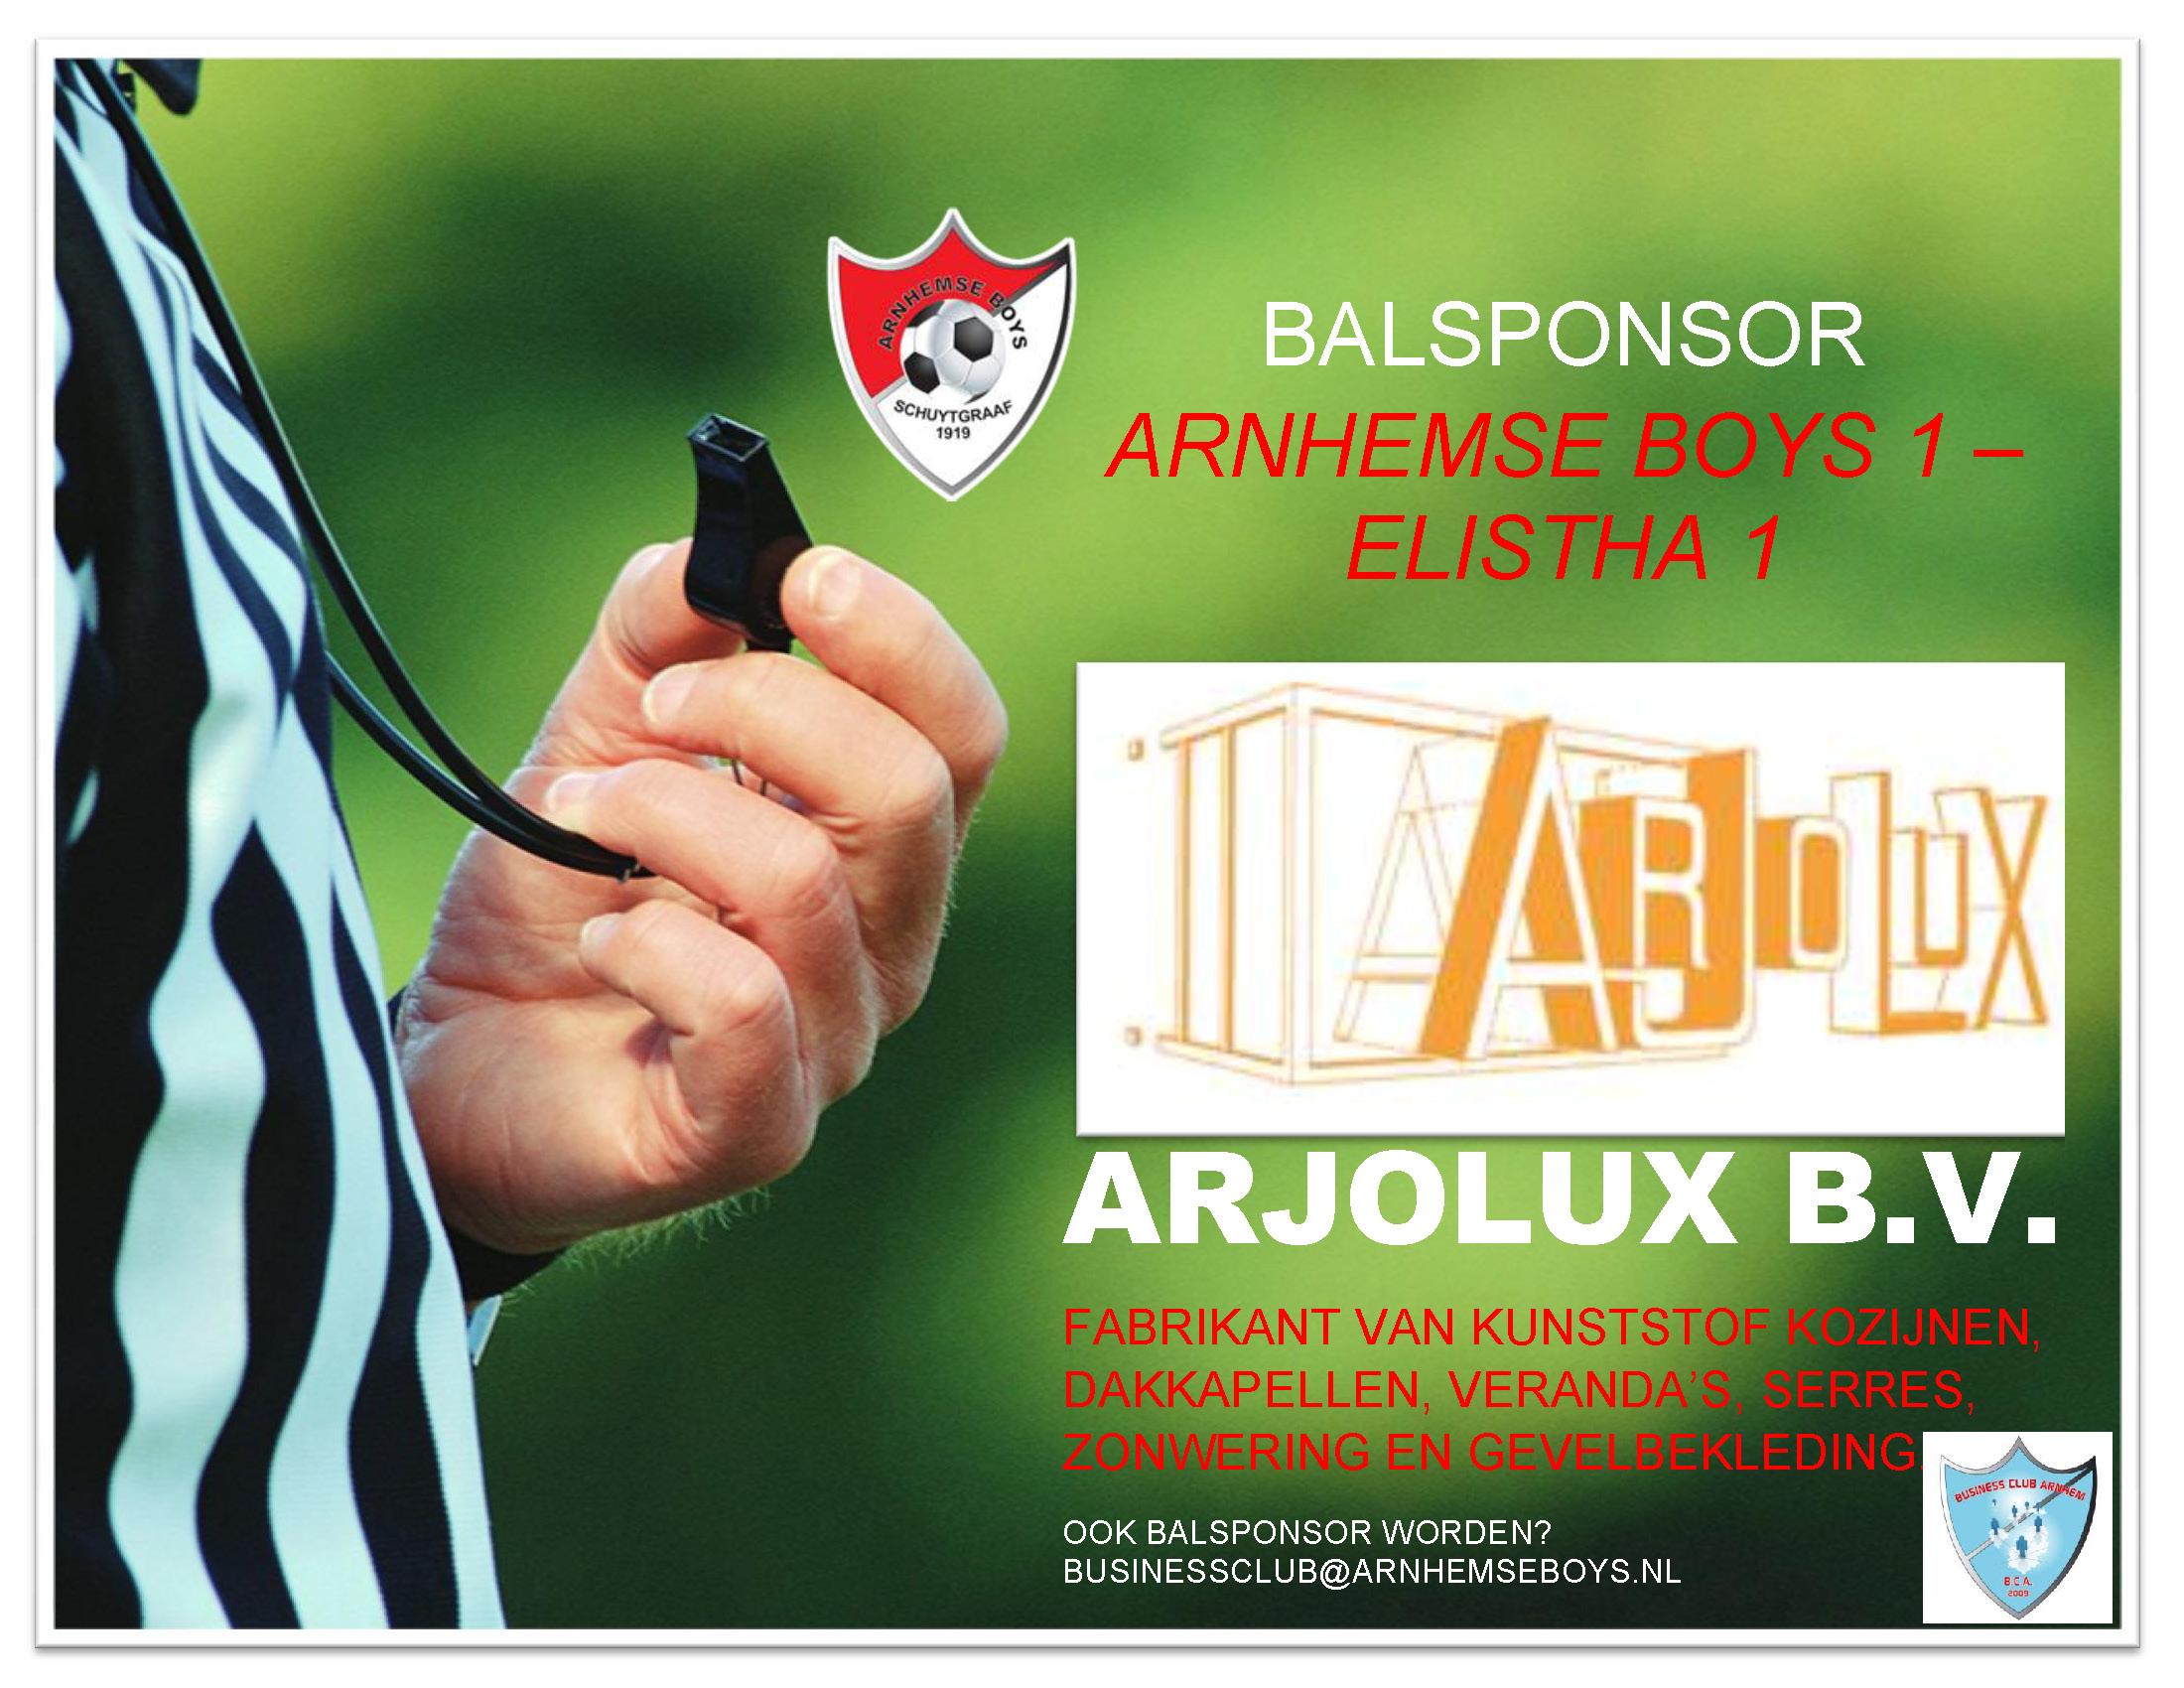 Arjolux Westervoort balsponsor